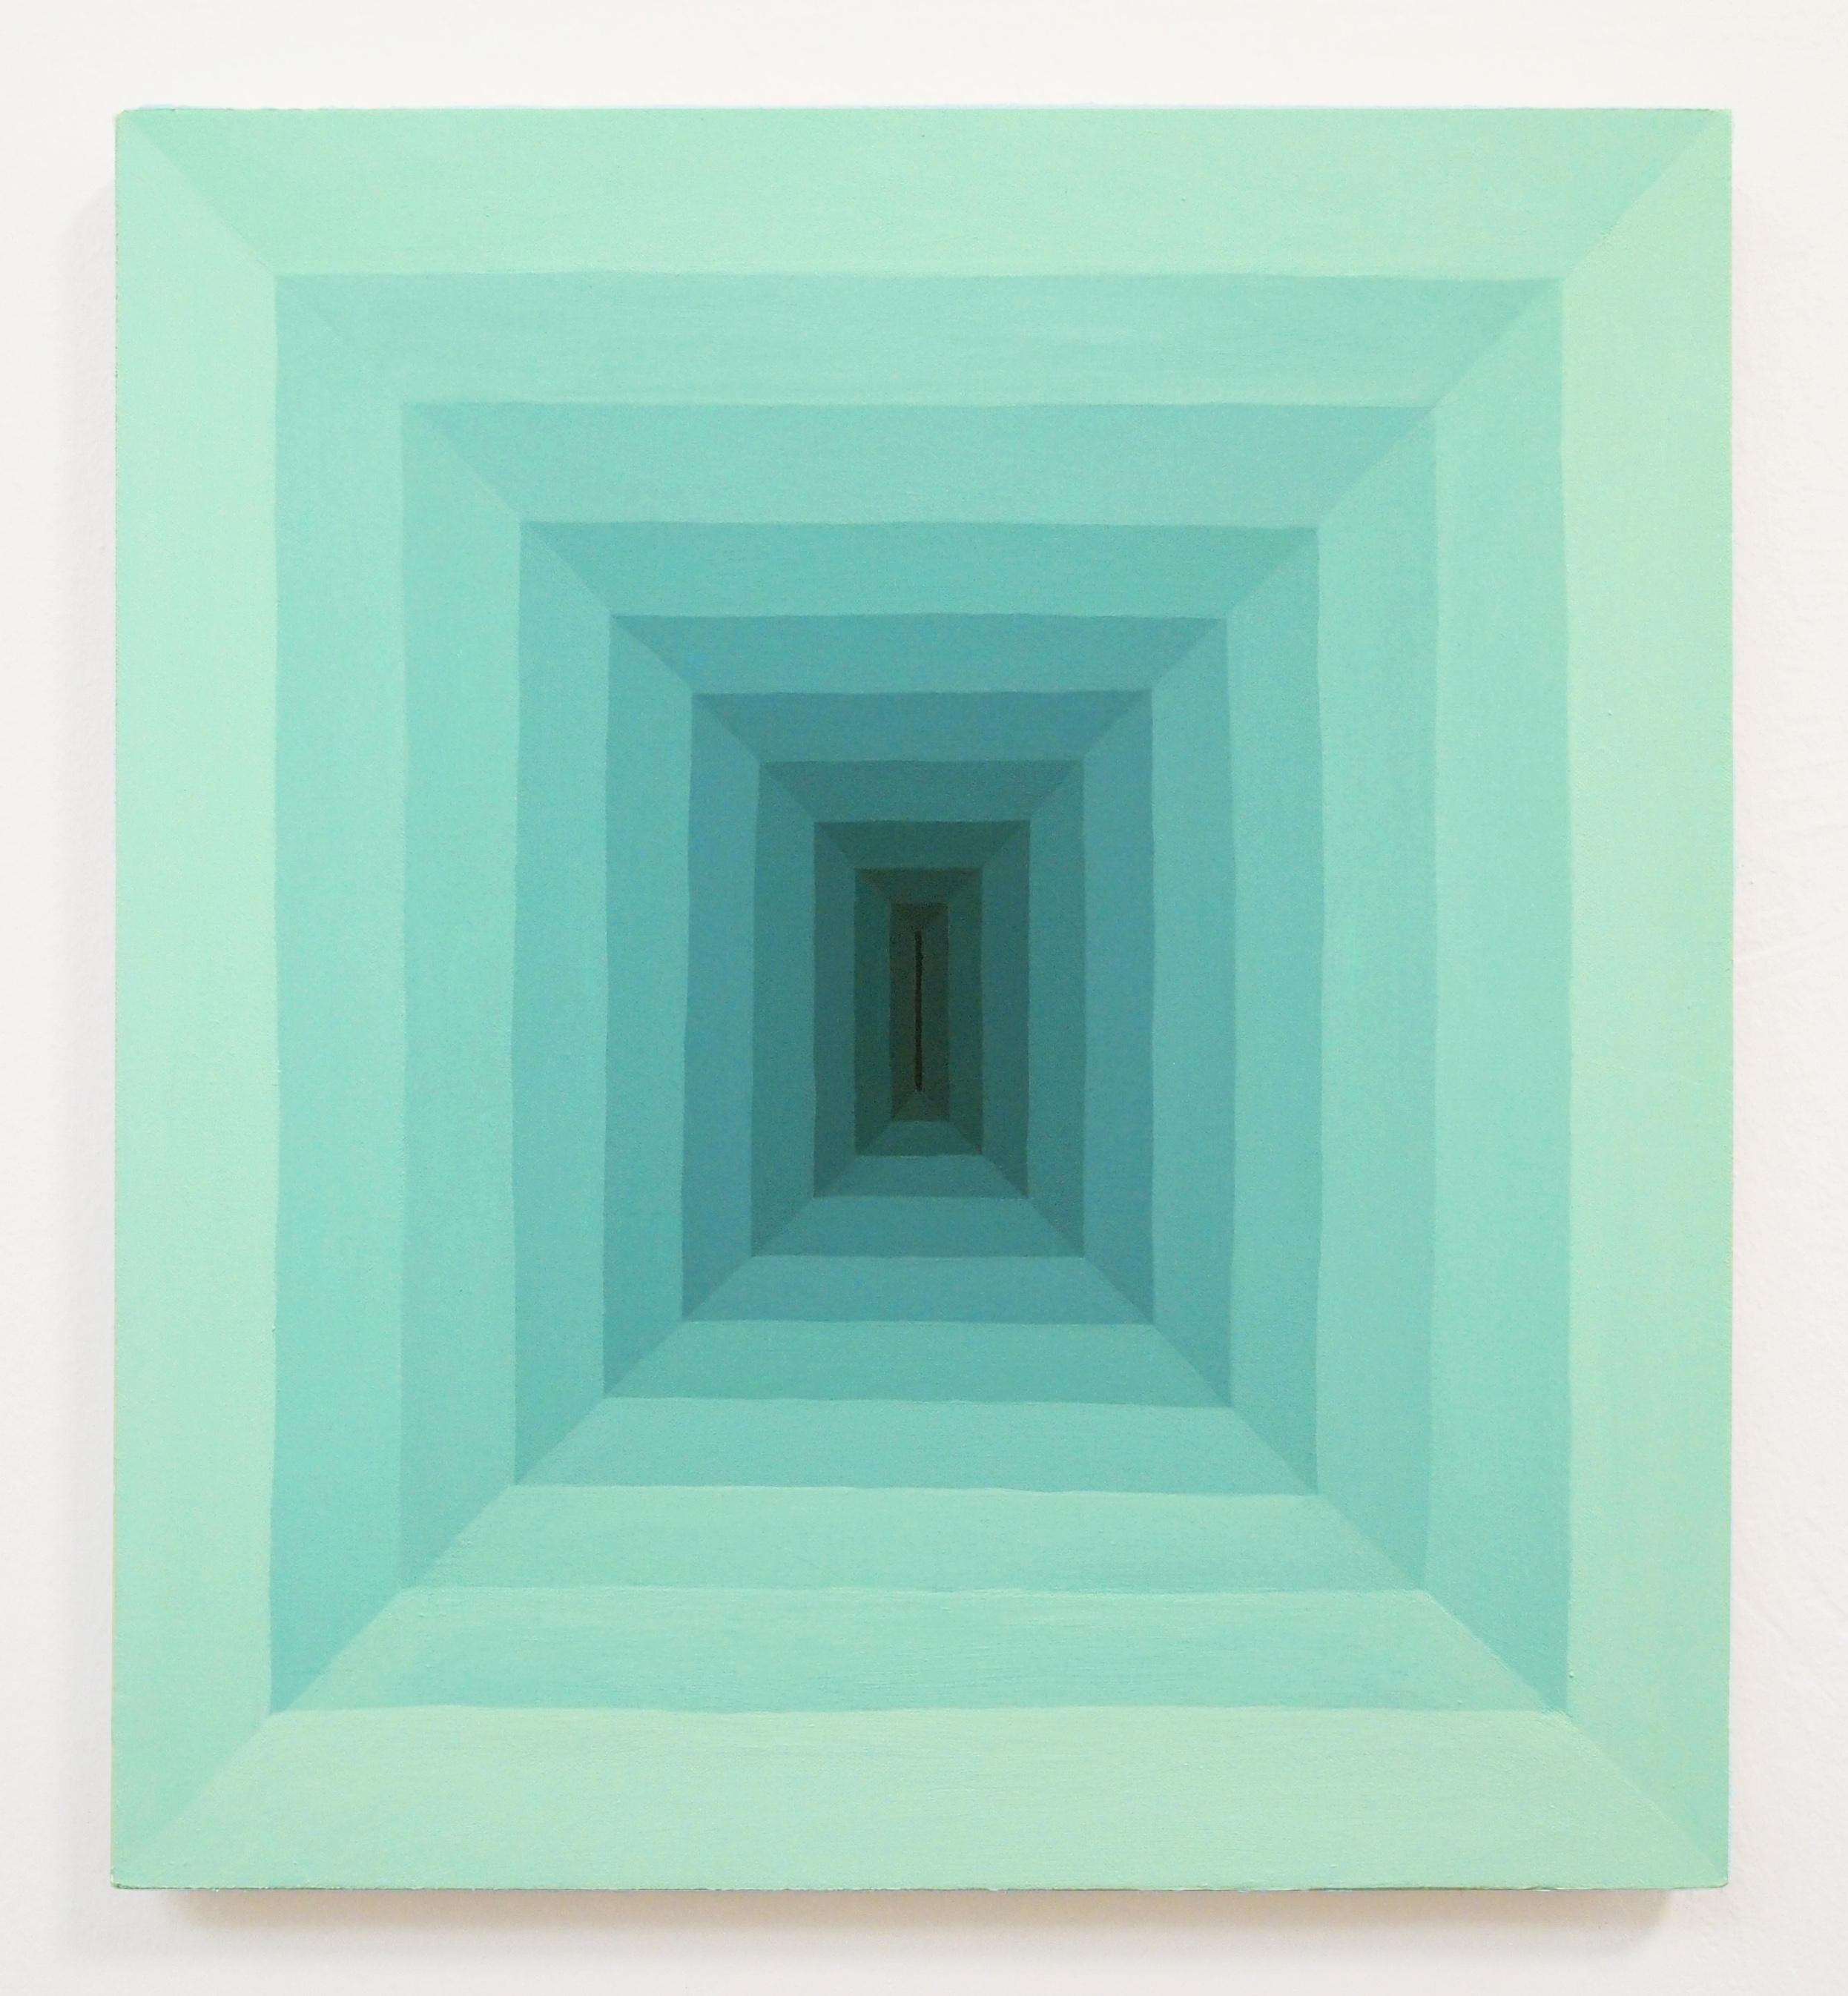 Corydon Cowansage, Hole 36, 2018, acrylic on canvas, 20 x 18 inches